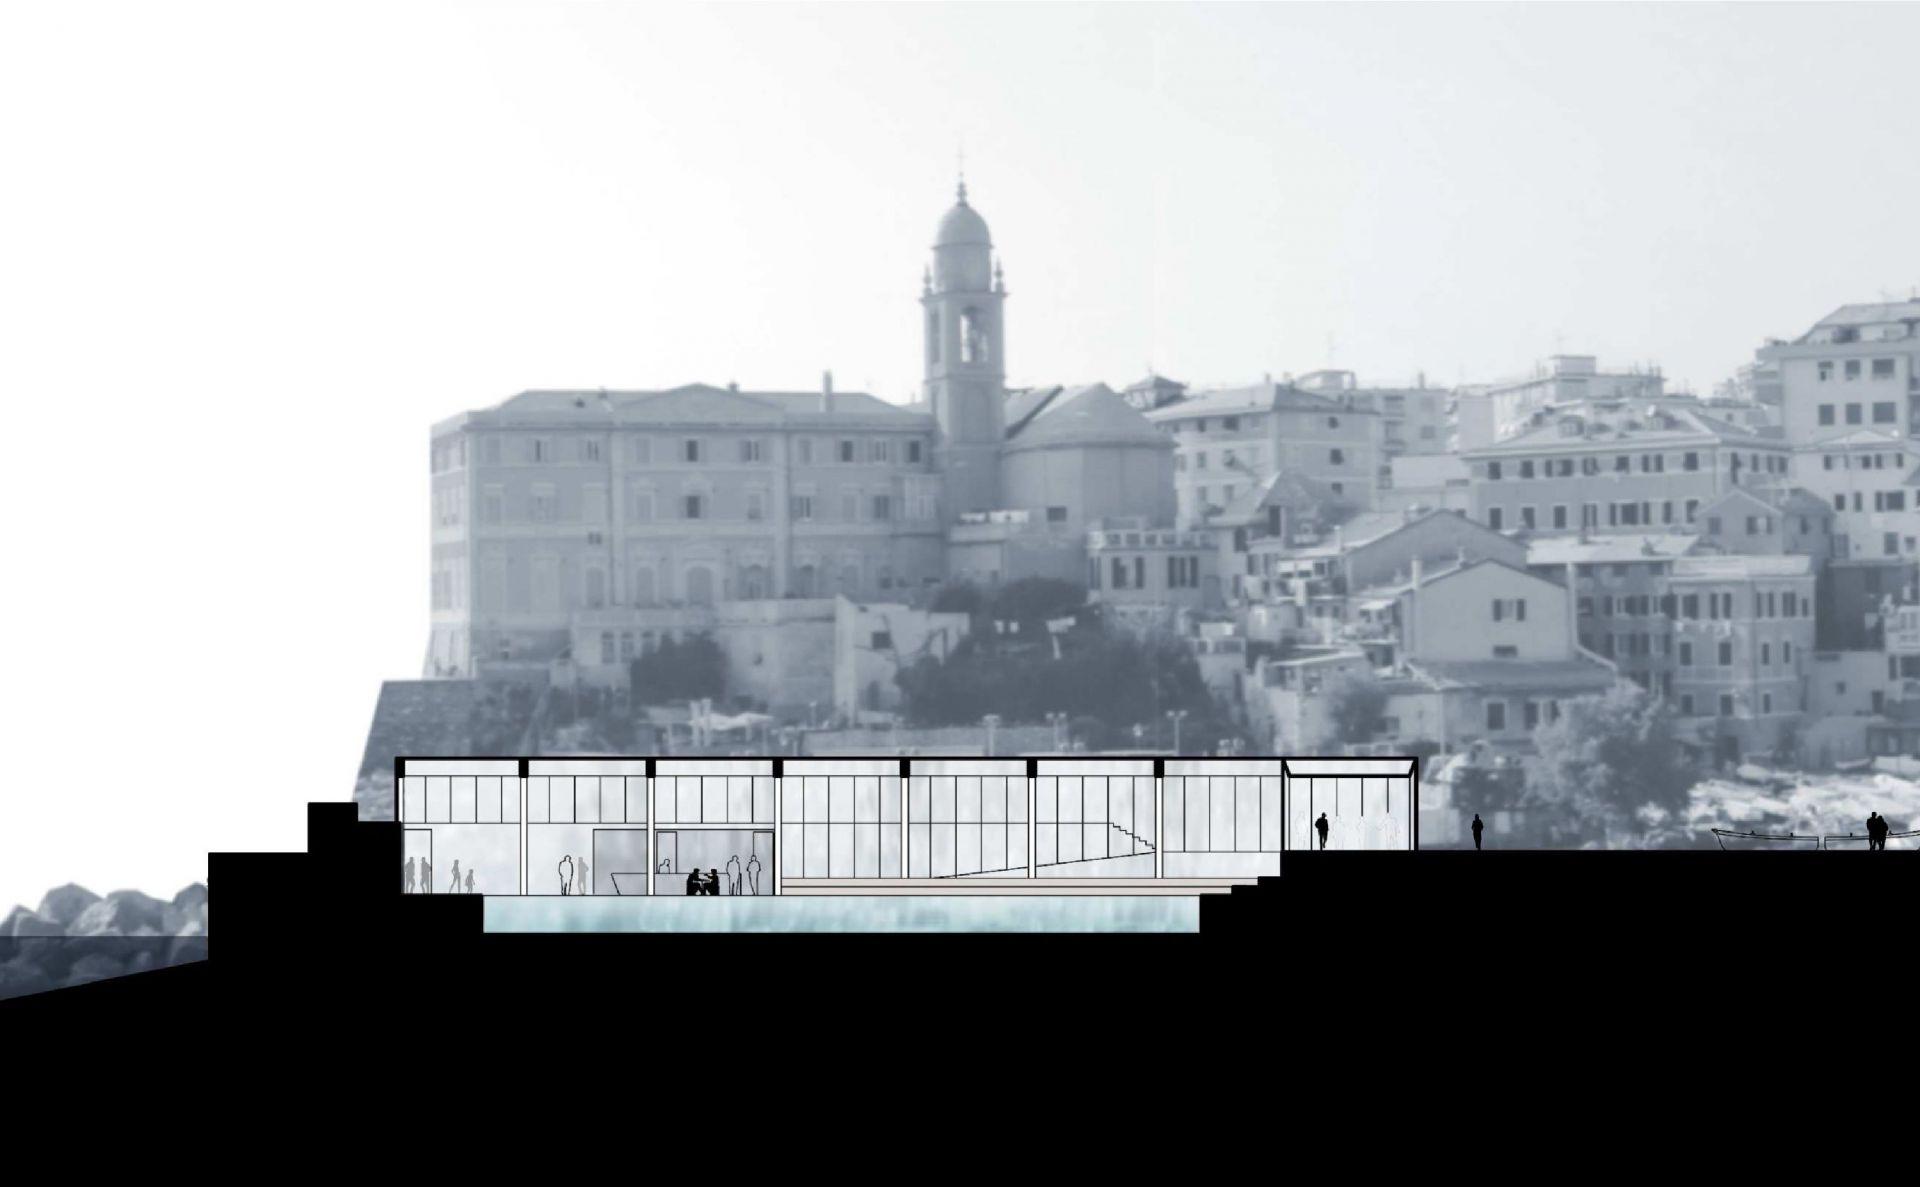 Piscina-33-metri-progetto-Comune